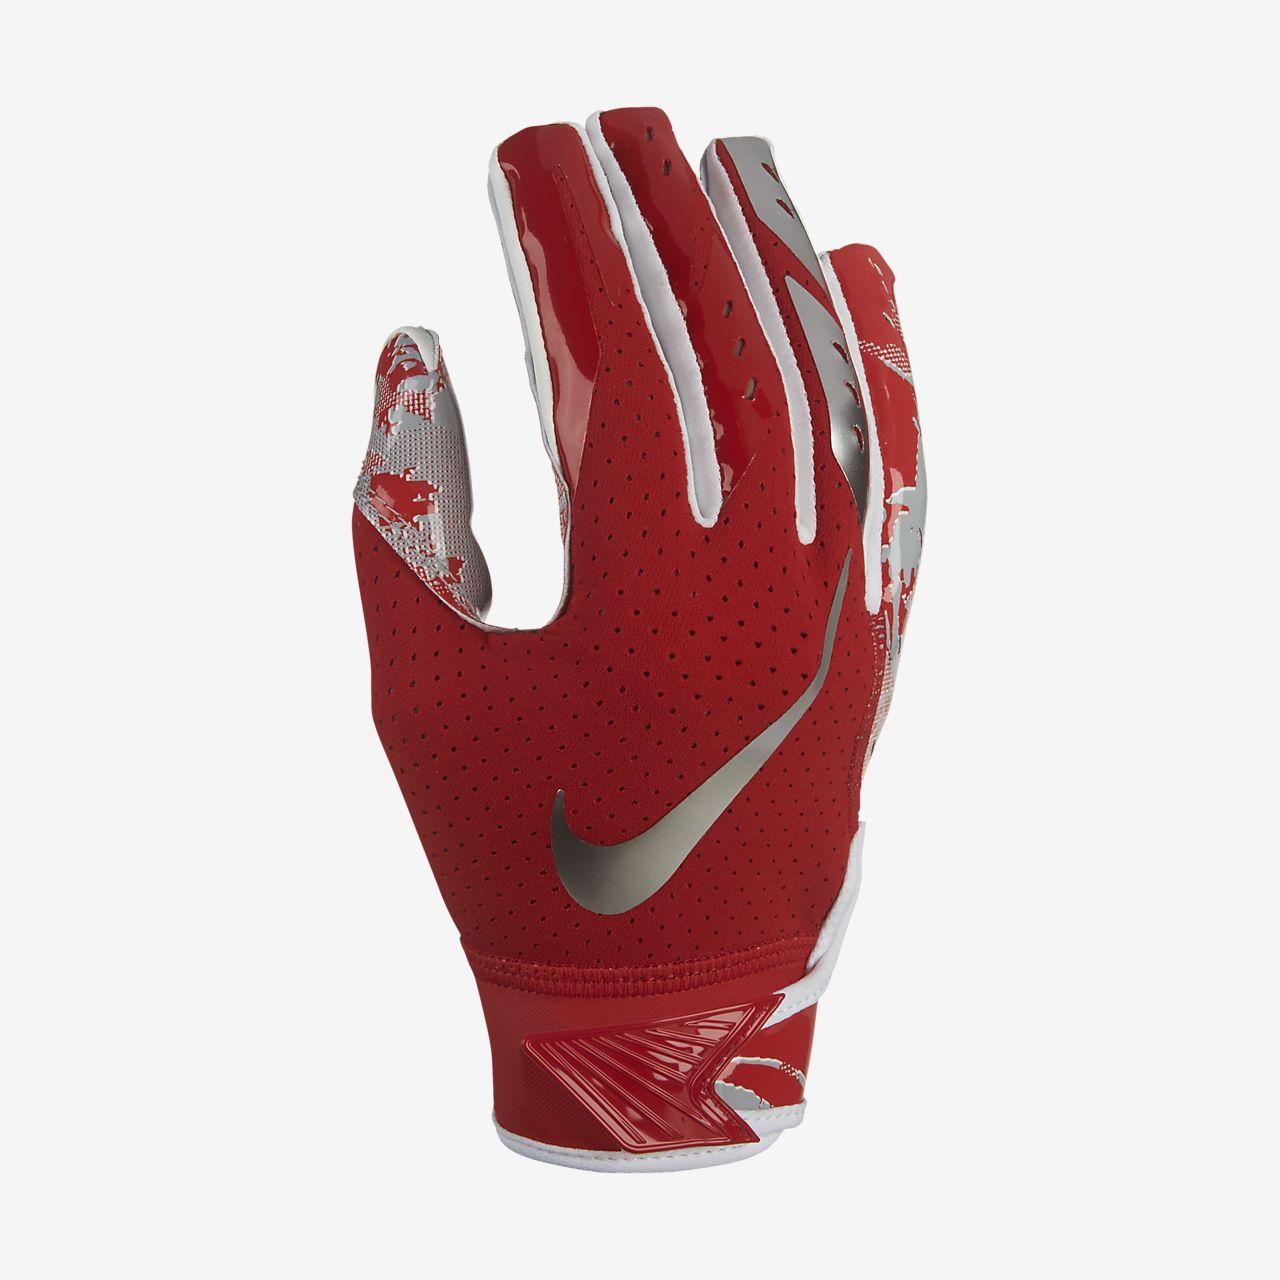 92cc9e6a1eaa Nike Vapor Jet 5.0 Kids' Football Gloves. Nike.com